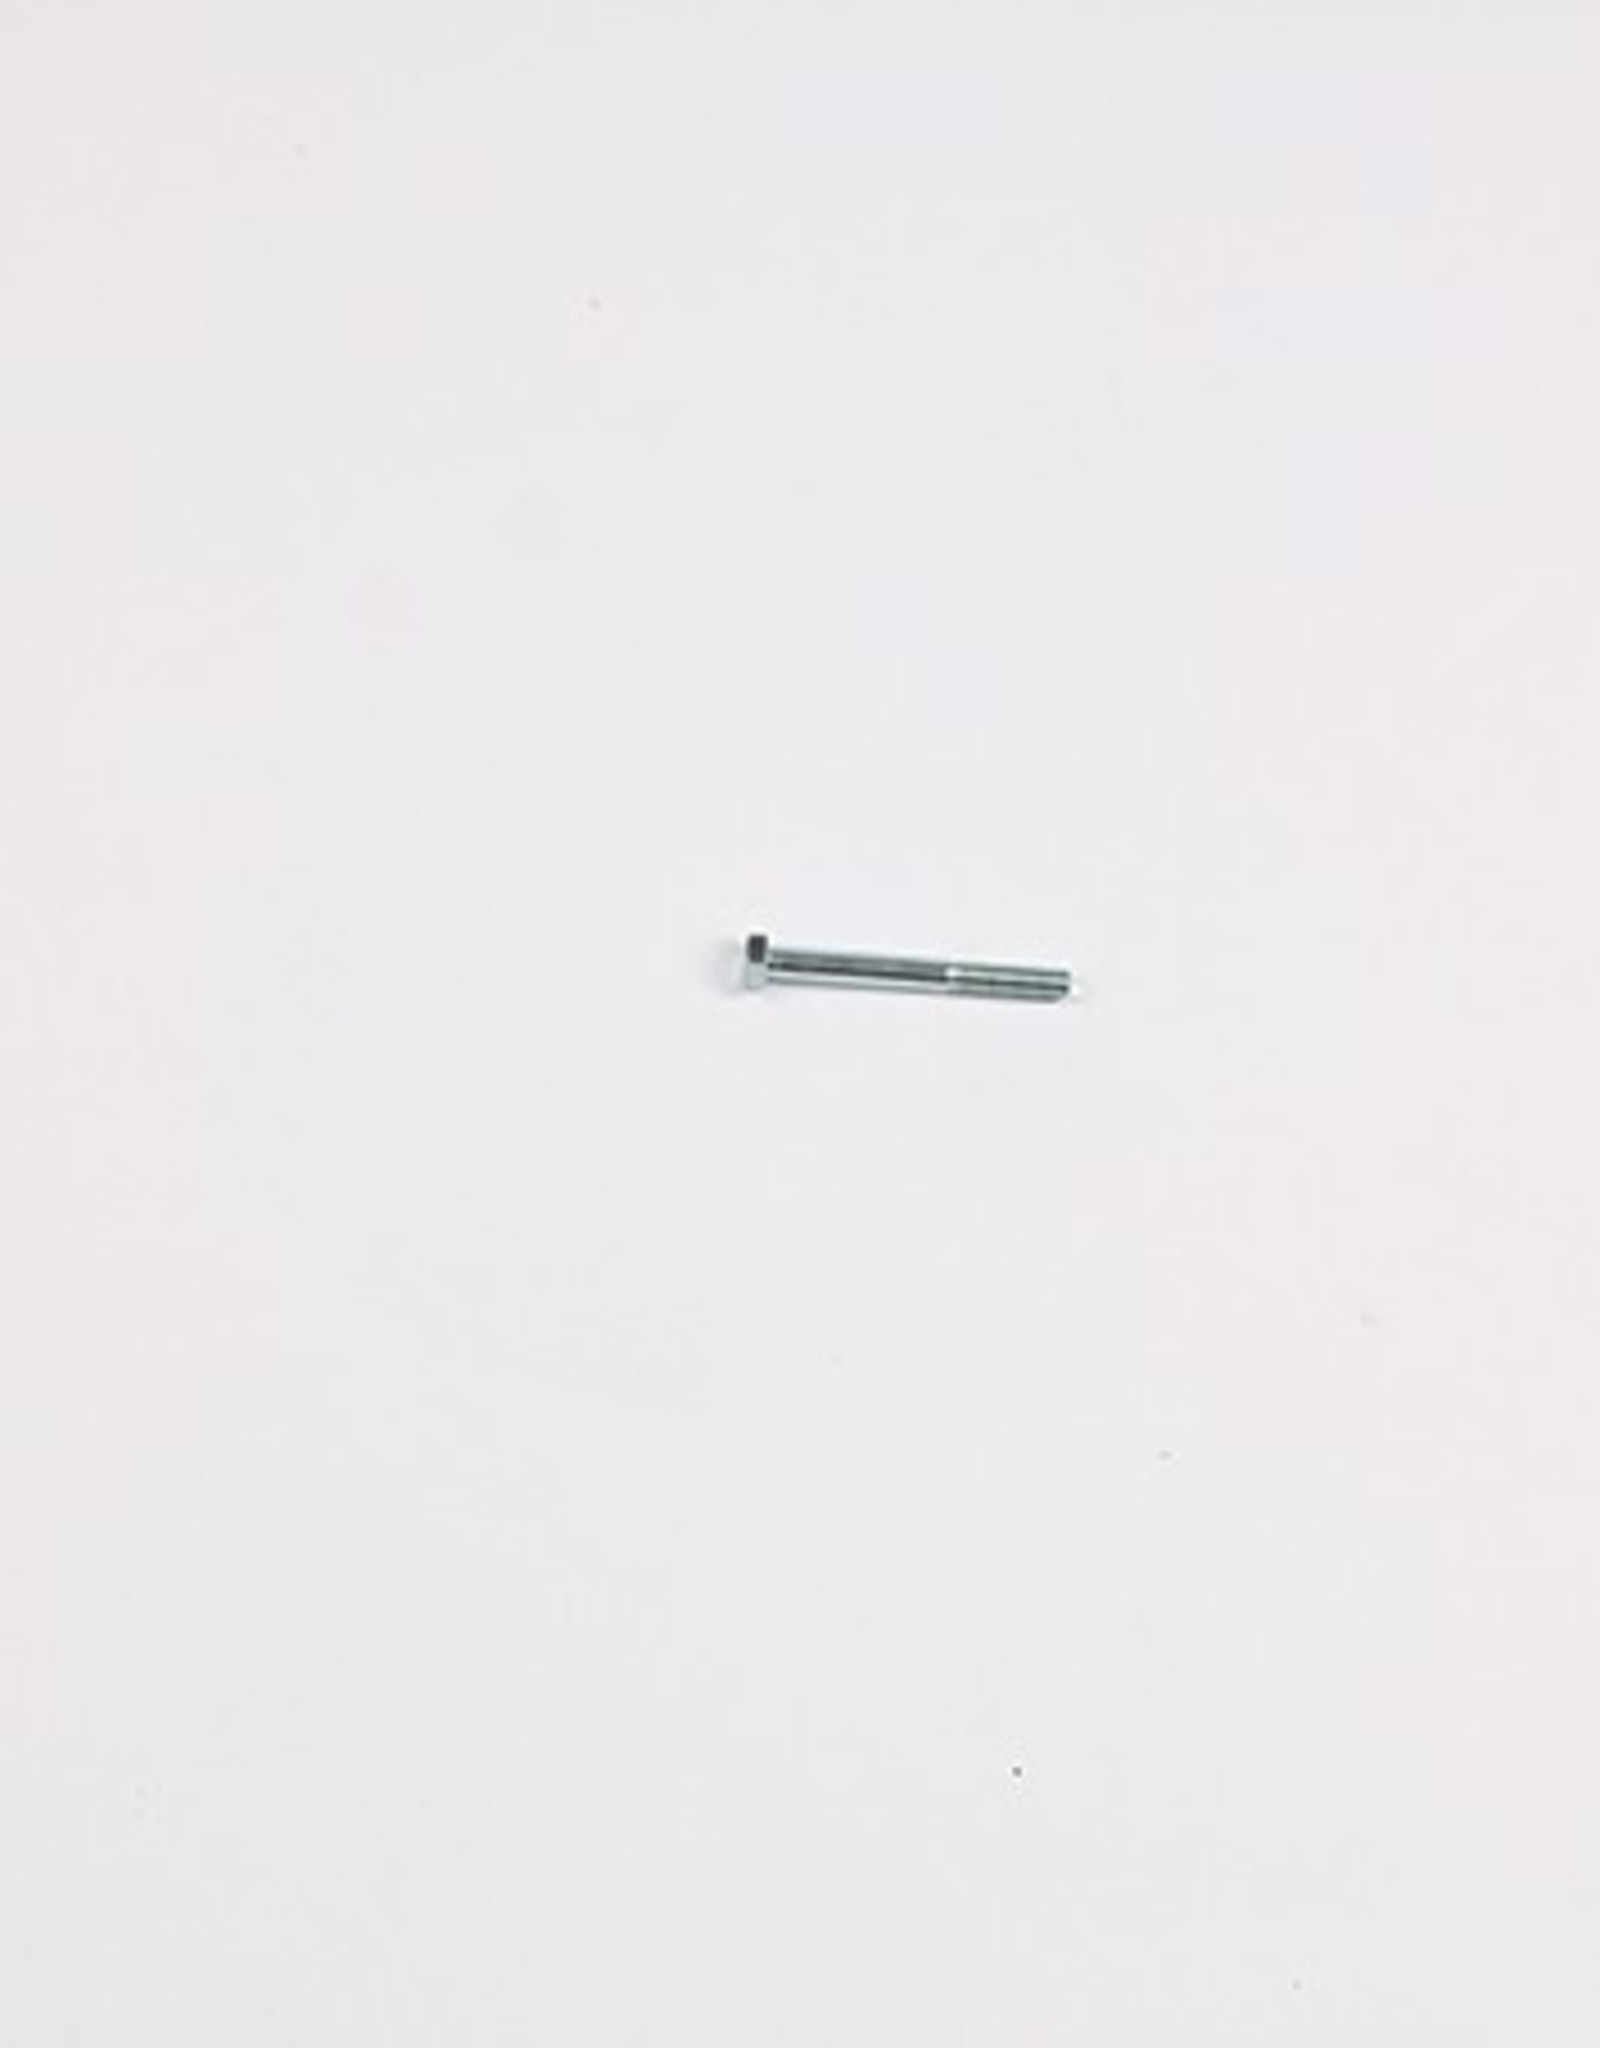 NUMATIC Bout M6 x 55mm